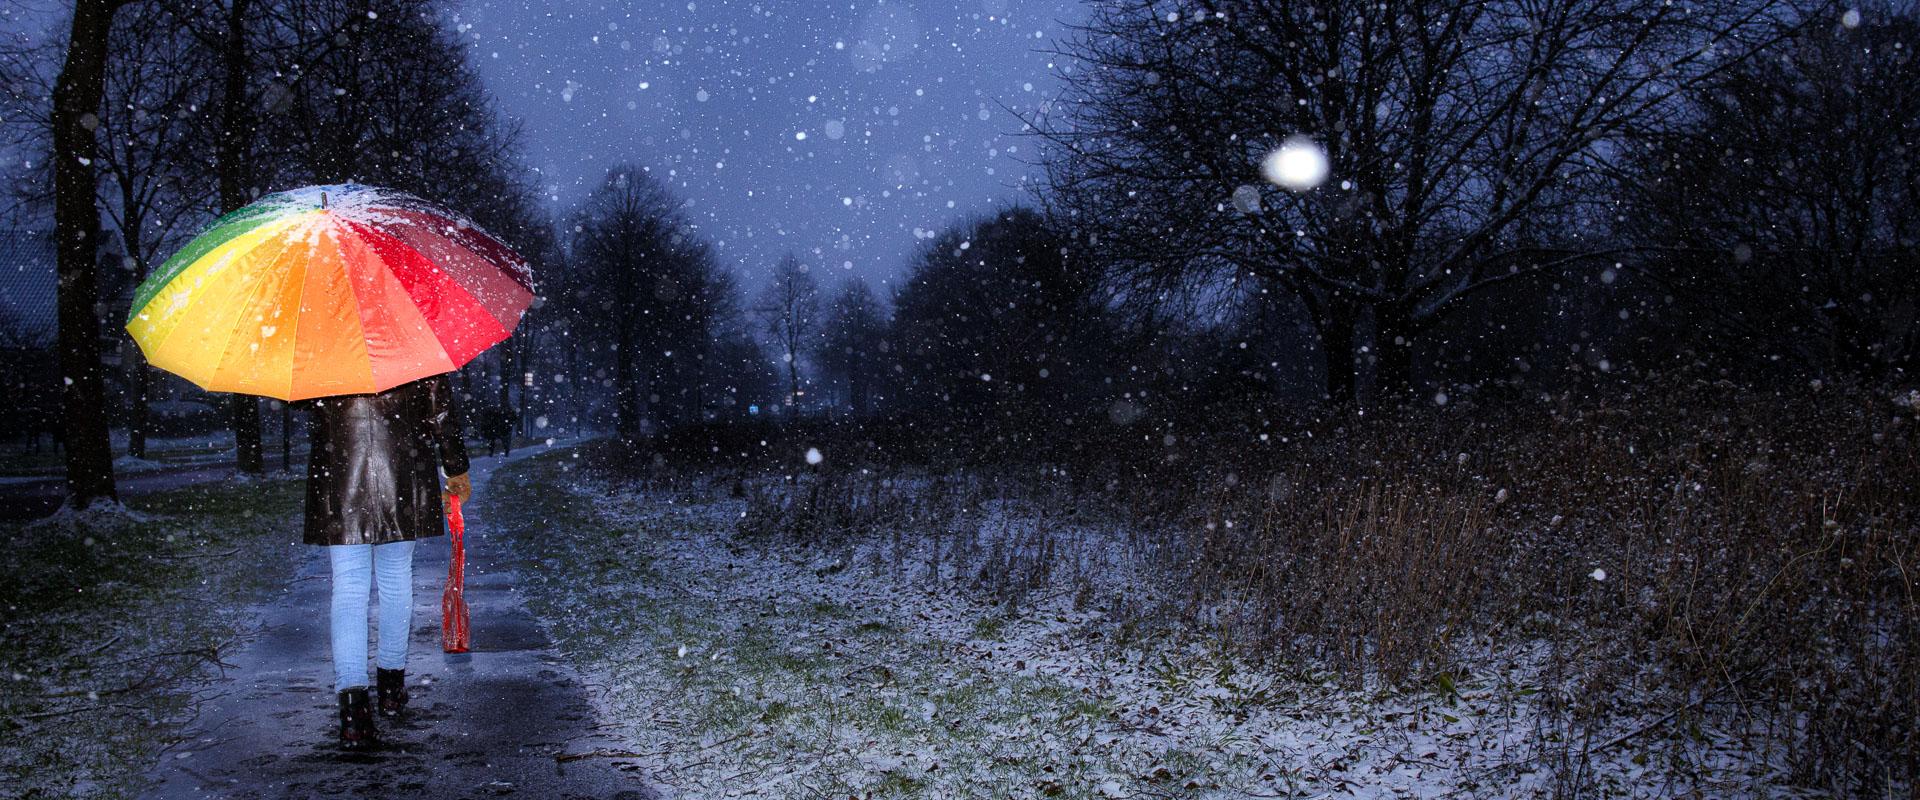 sneeuwfoto, flits, fotoreportage, portret, buiten, winter